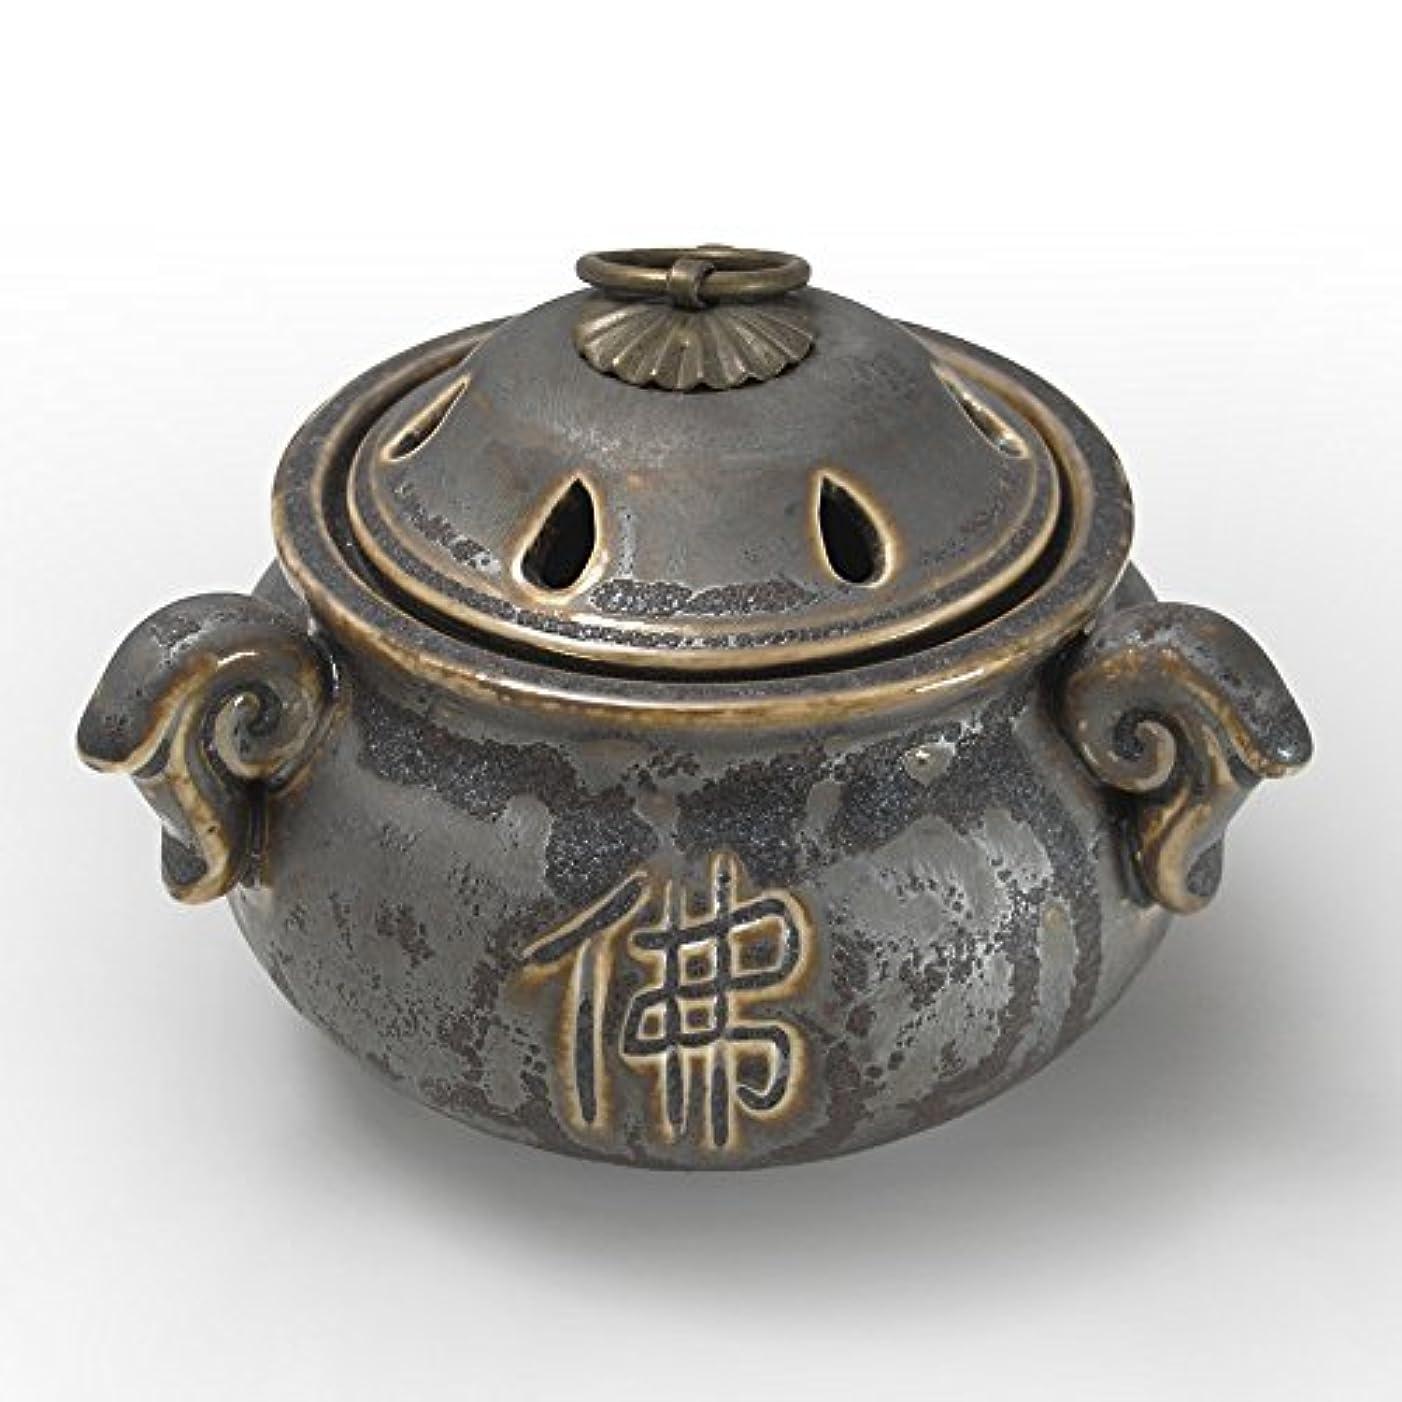 崩壊びん自分のために陶器香炉 アンティークデザイン